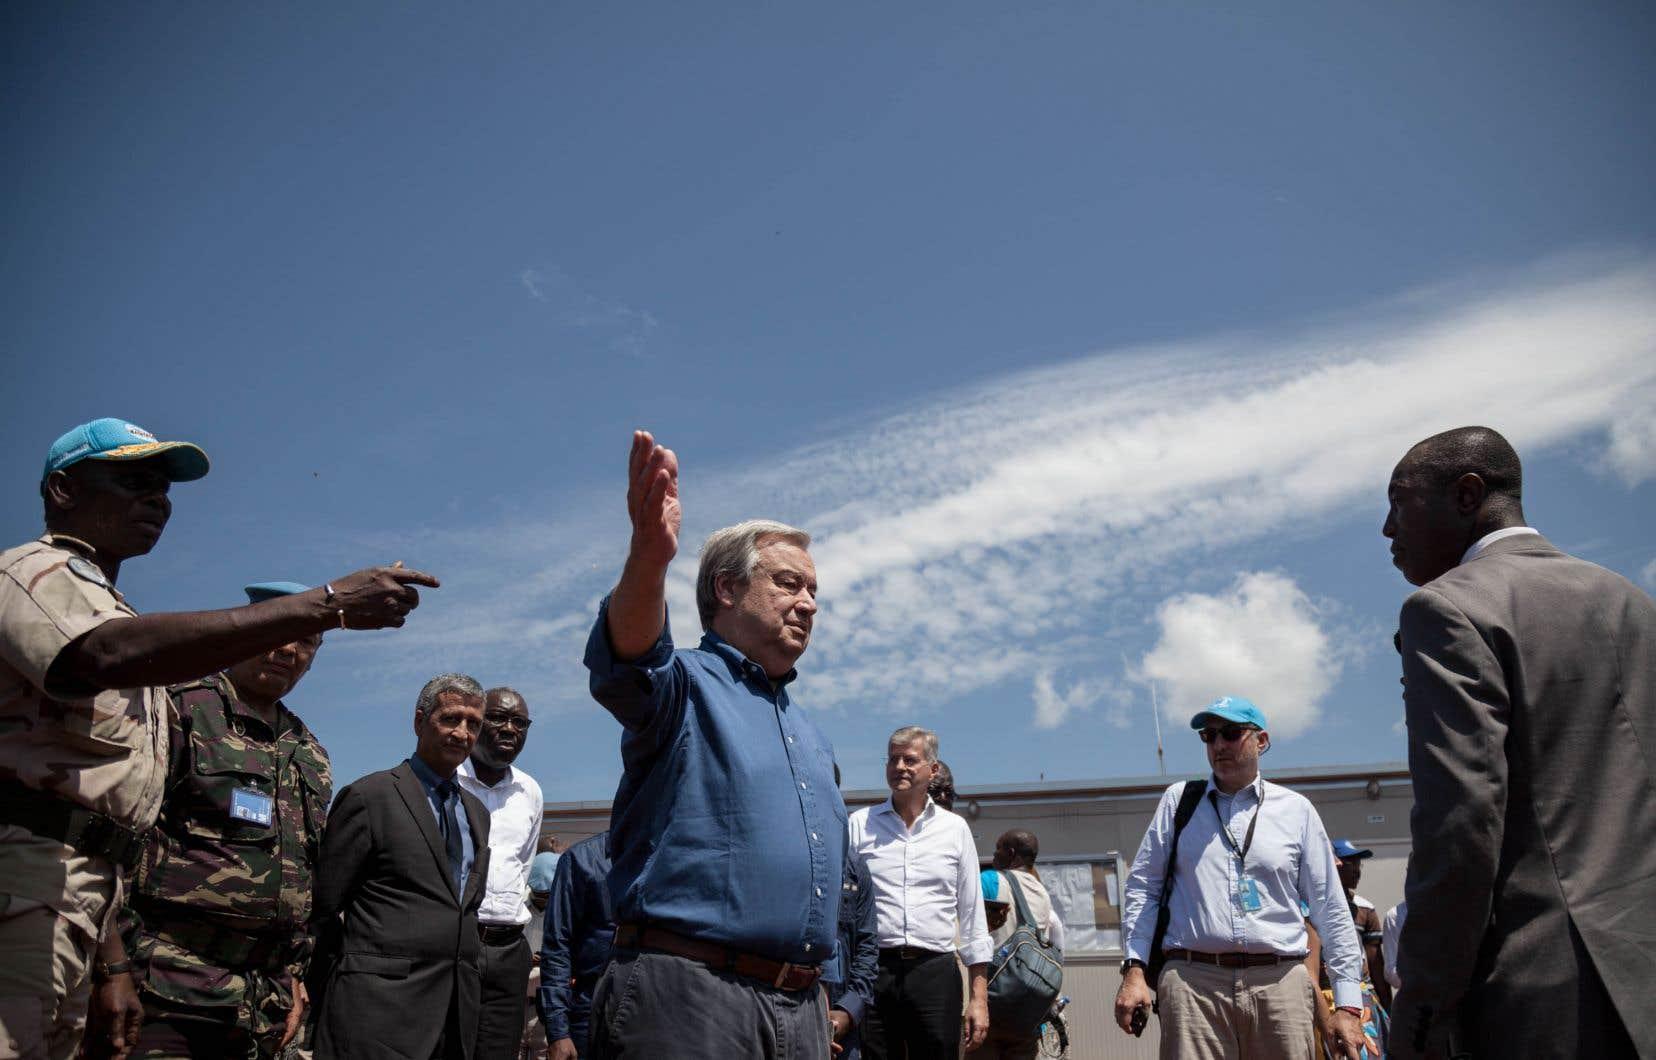 Le secrétaire général de l'ONU, Antonio Guterres, lors d'une visite à Bangassou, en République centrafricaine, en octobre dernier